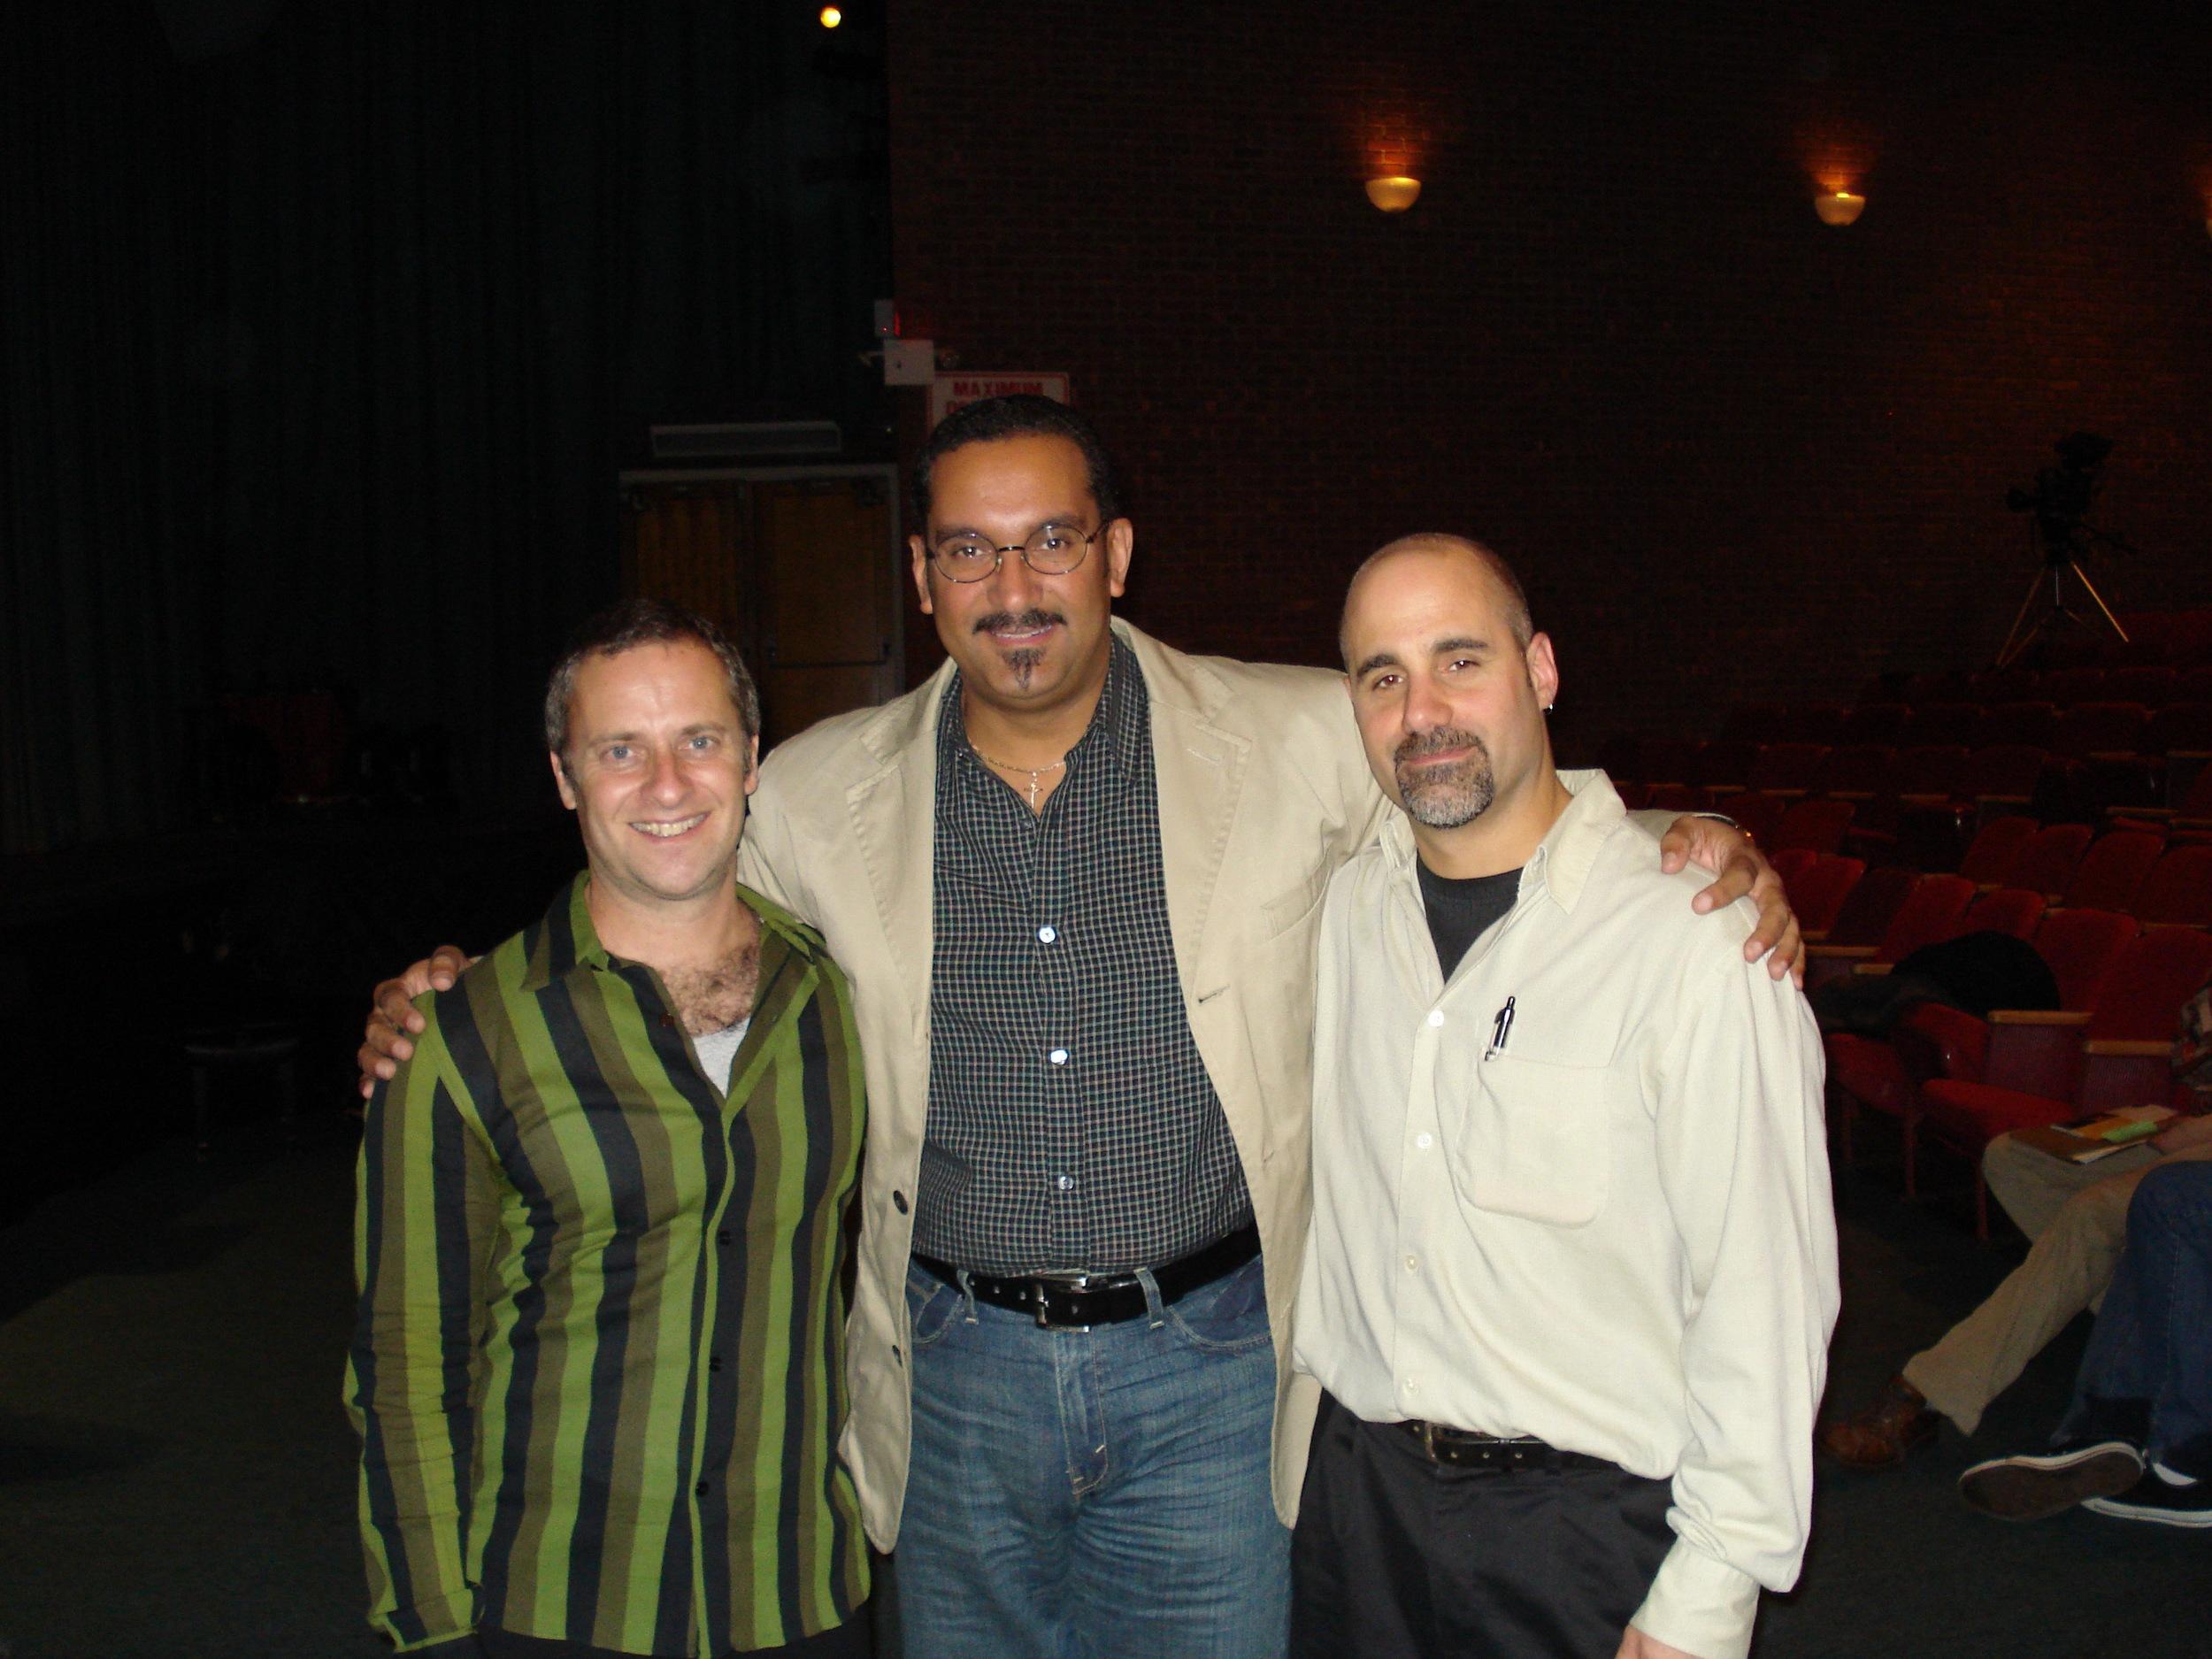 Tony Romano & Michel Gentile